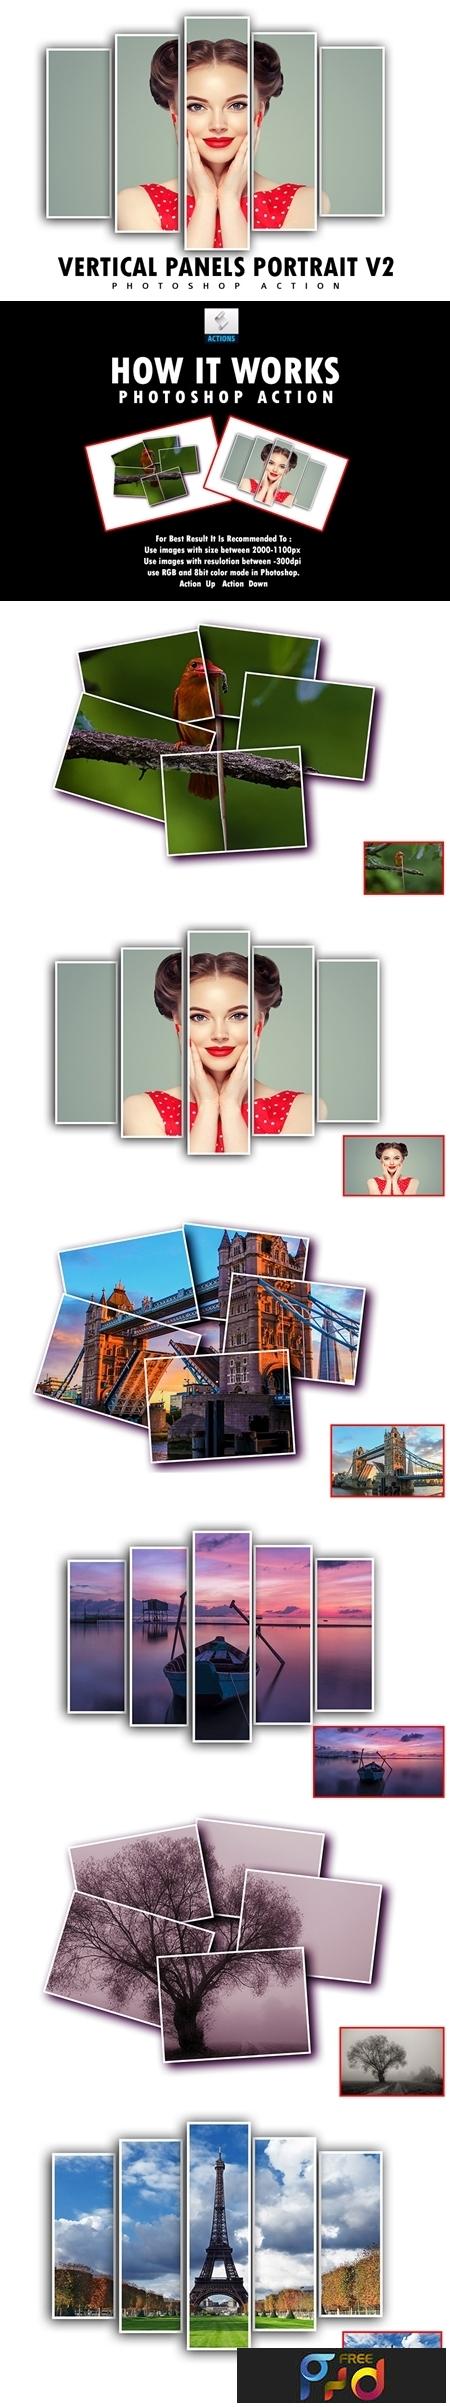 Vertical Panels Portrait V2 Photoshop Action 3547663 1